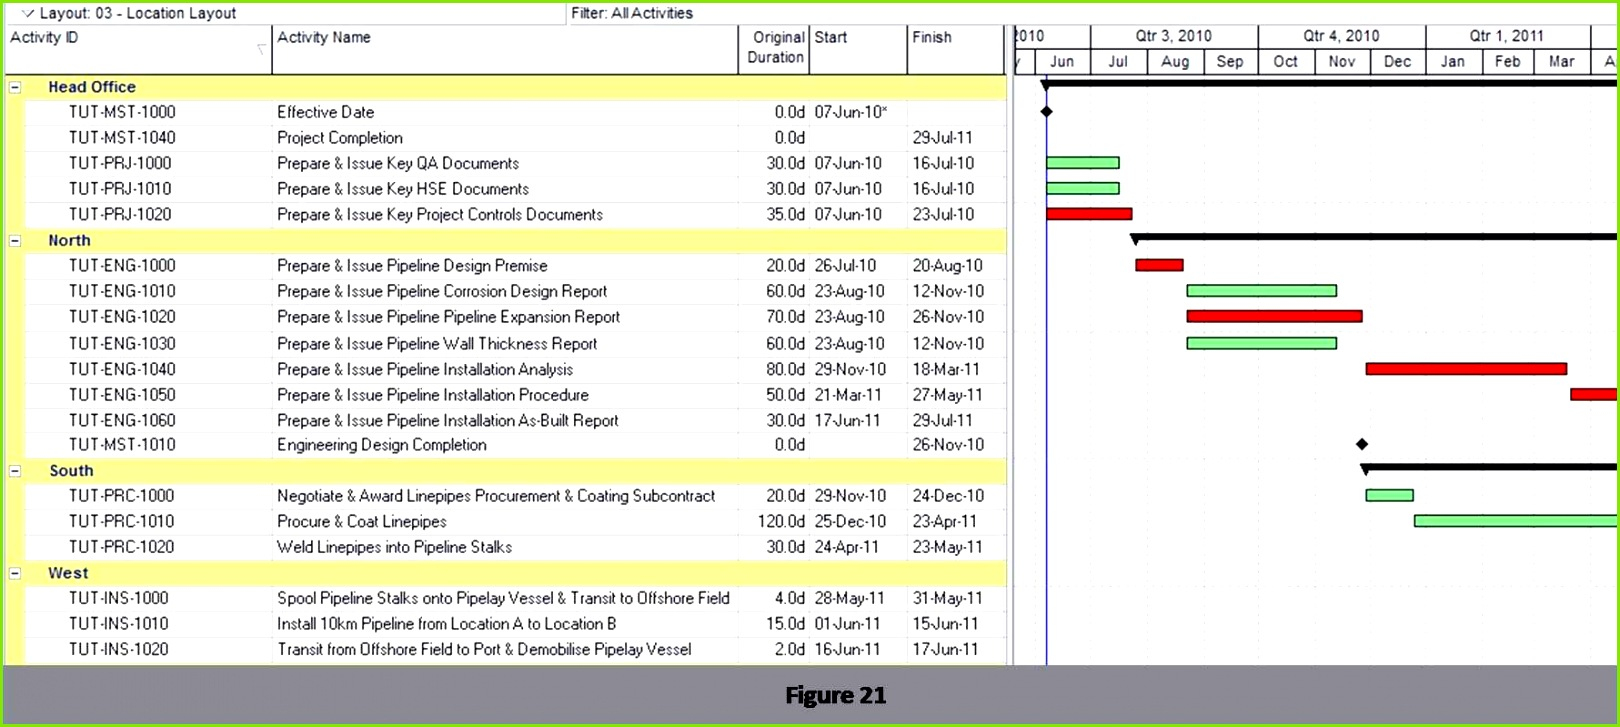 Haushaltsbuch Excel Vorlage Inspirierend 15 Haushaltsbuch Muster Einzigartig Für Musterbrief Vorlage Docs